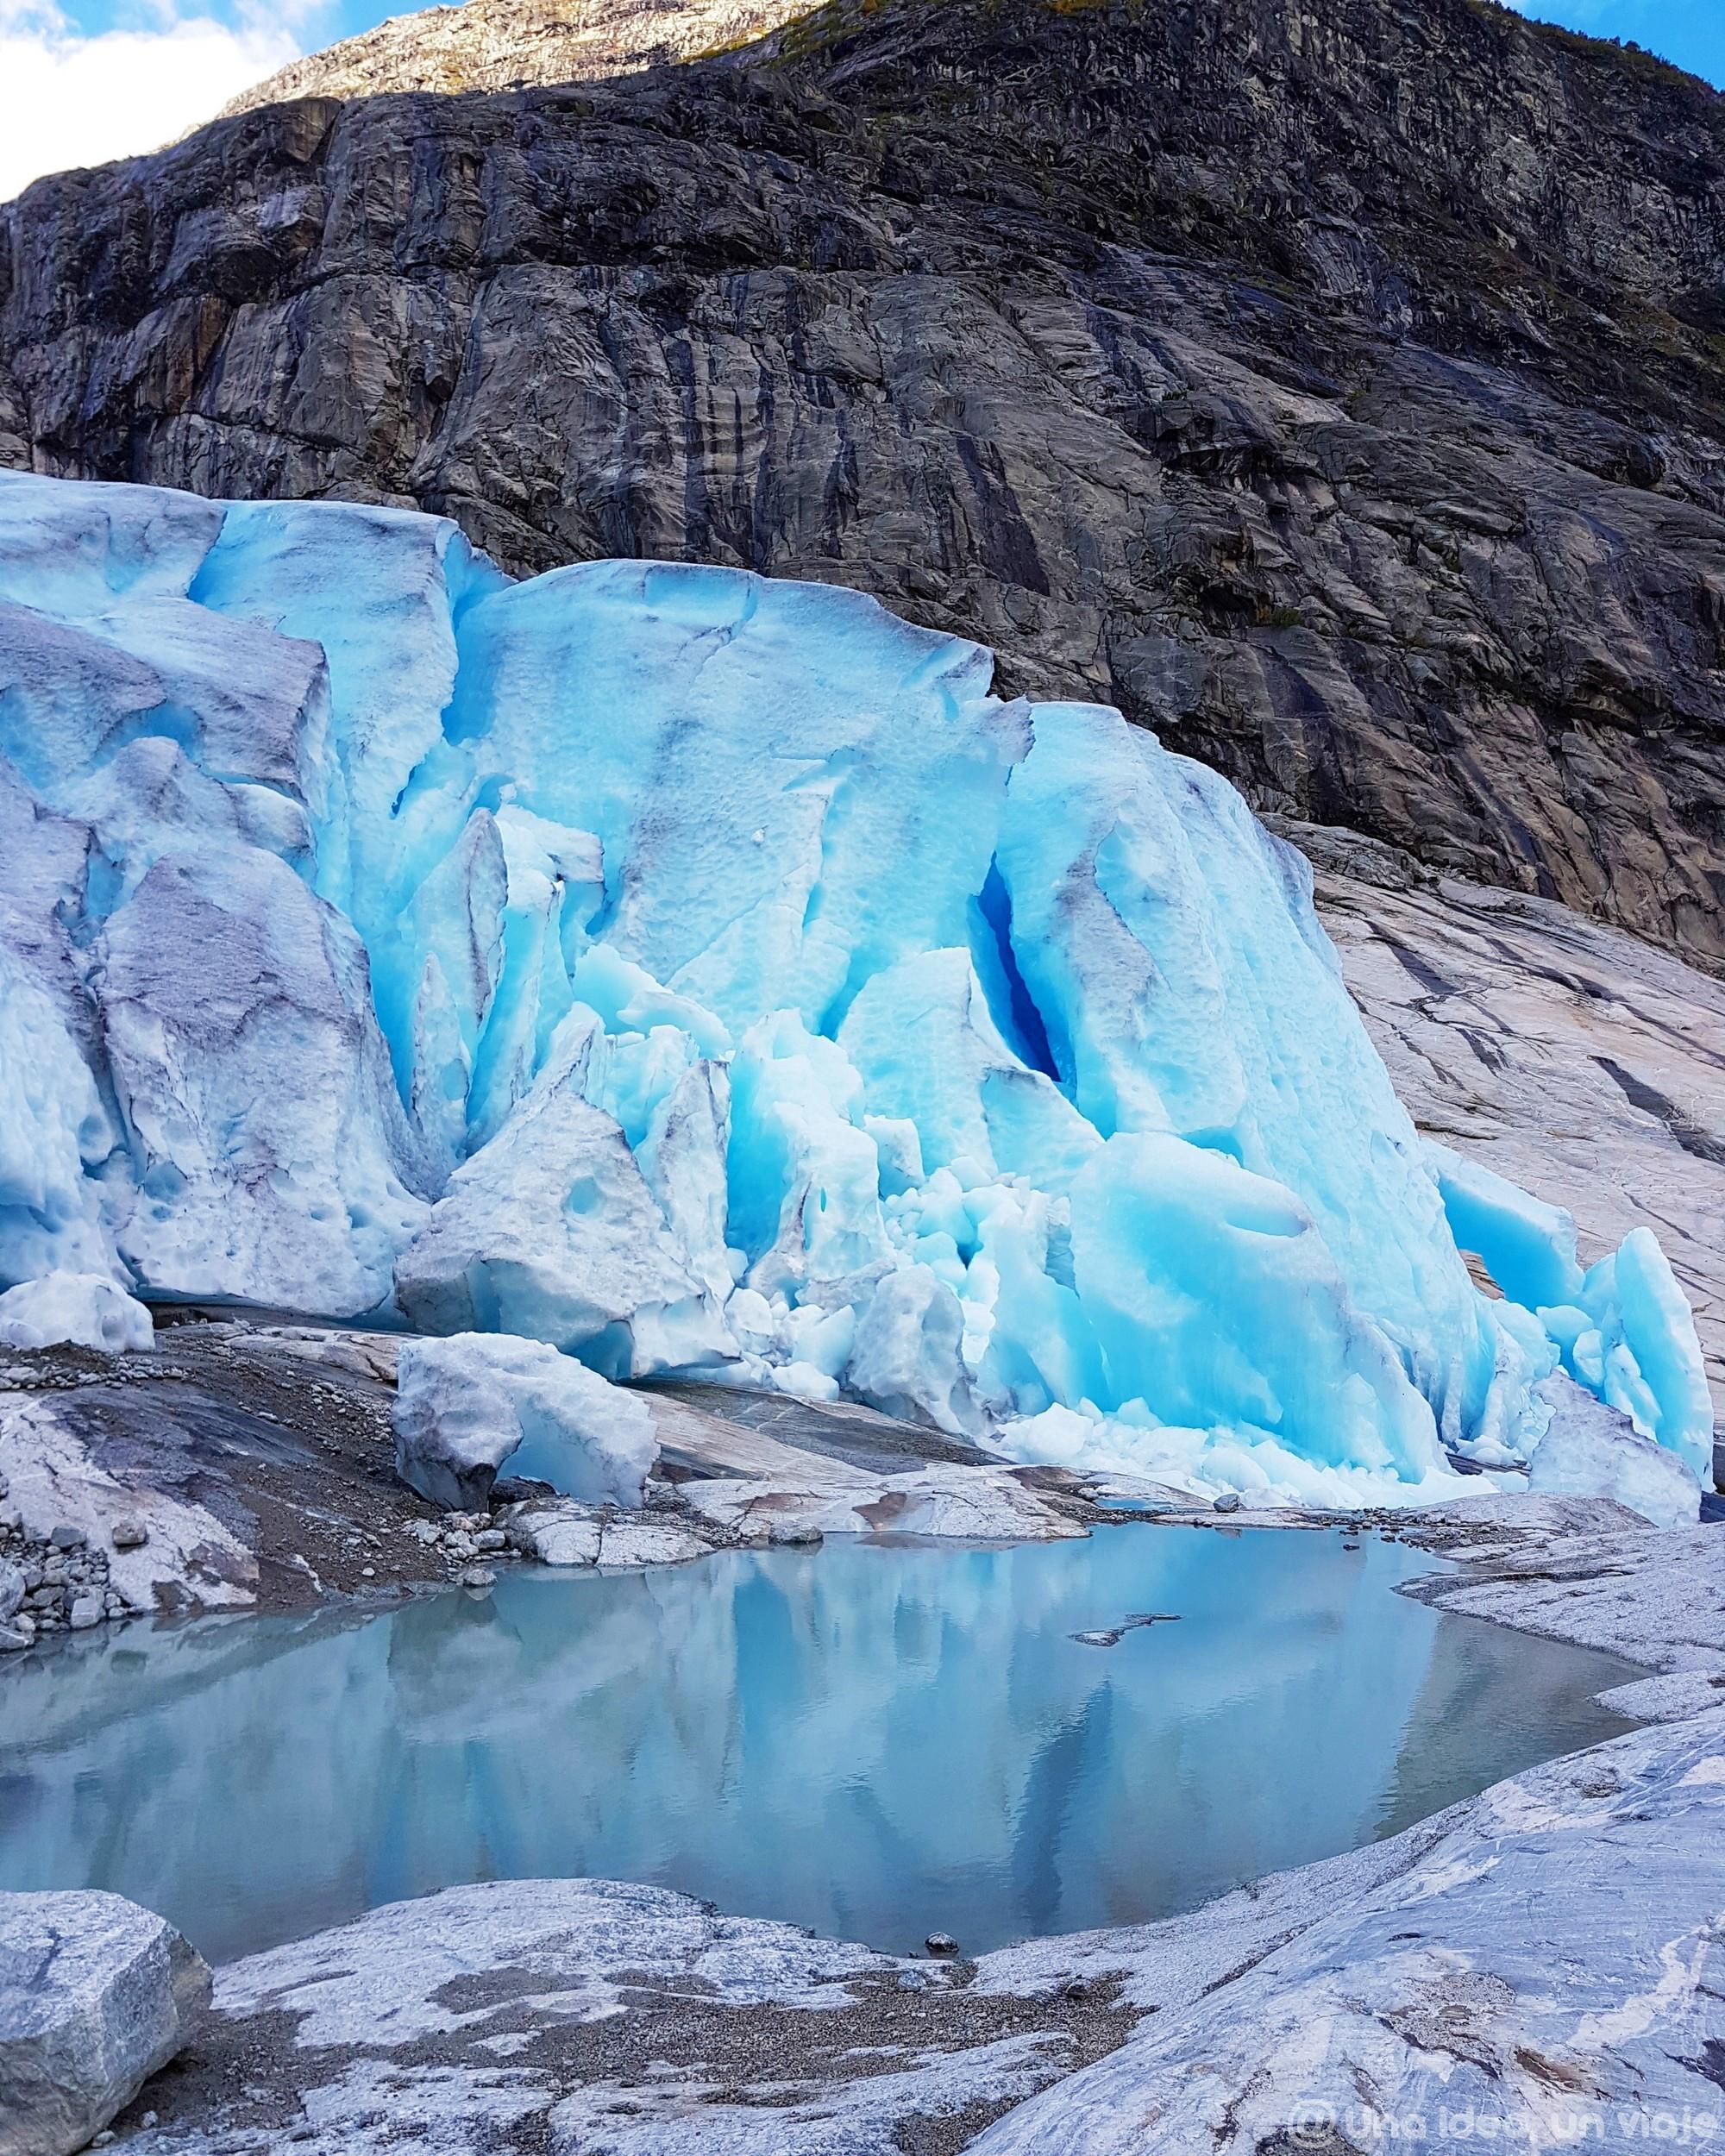 que-ver-hacer-fiordos-noruega-una-semana-ruta-preparativos-unaideaunviaje-11